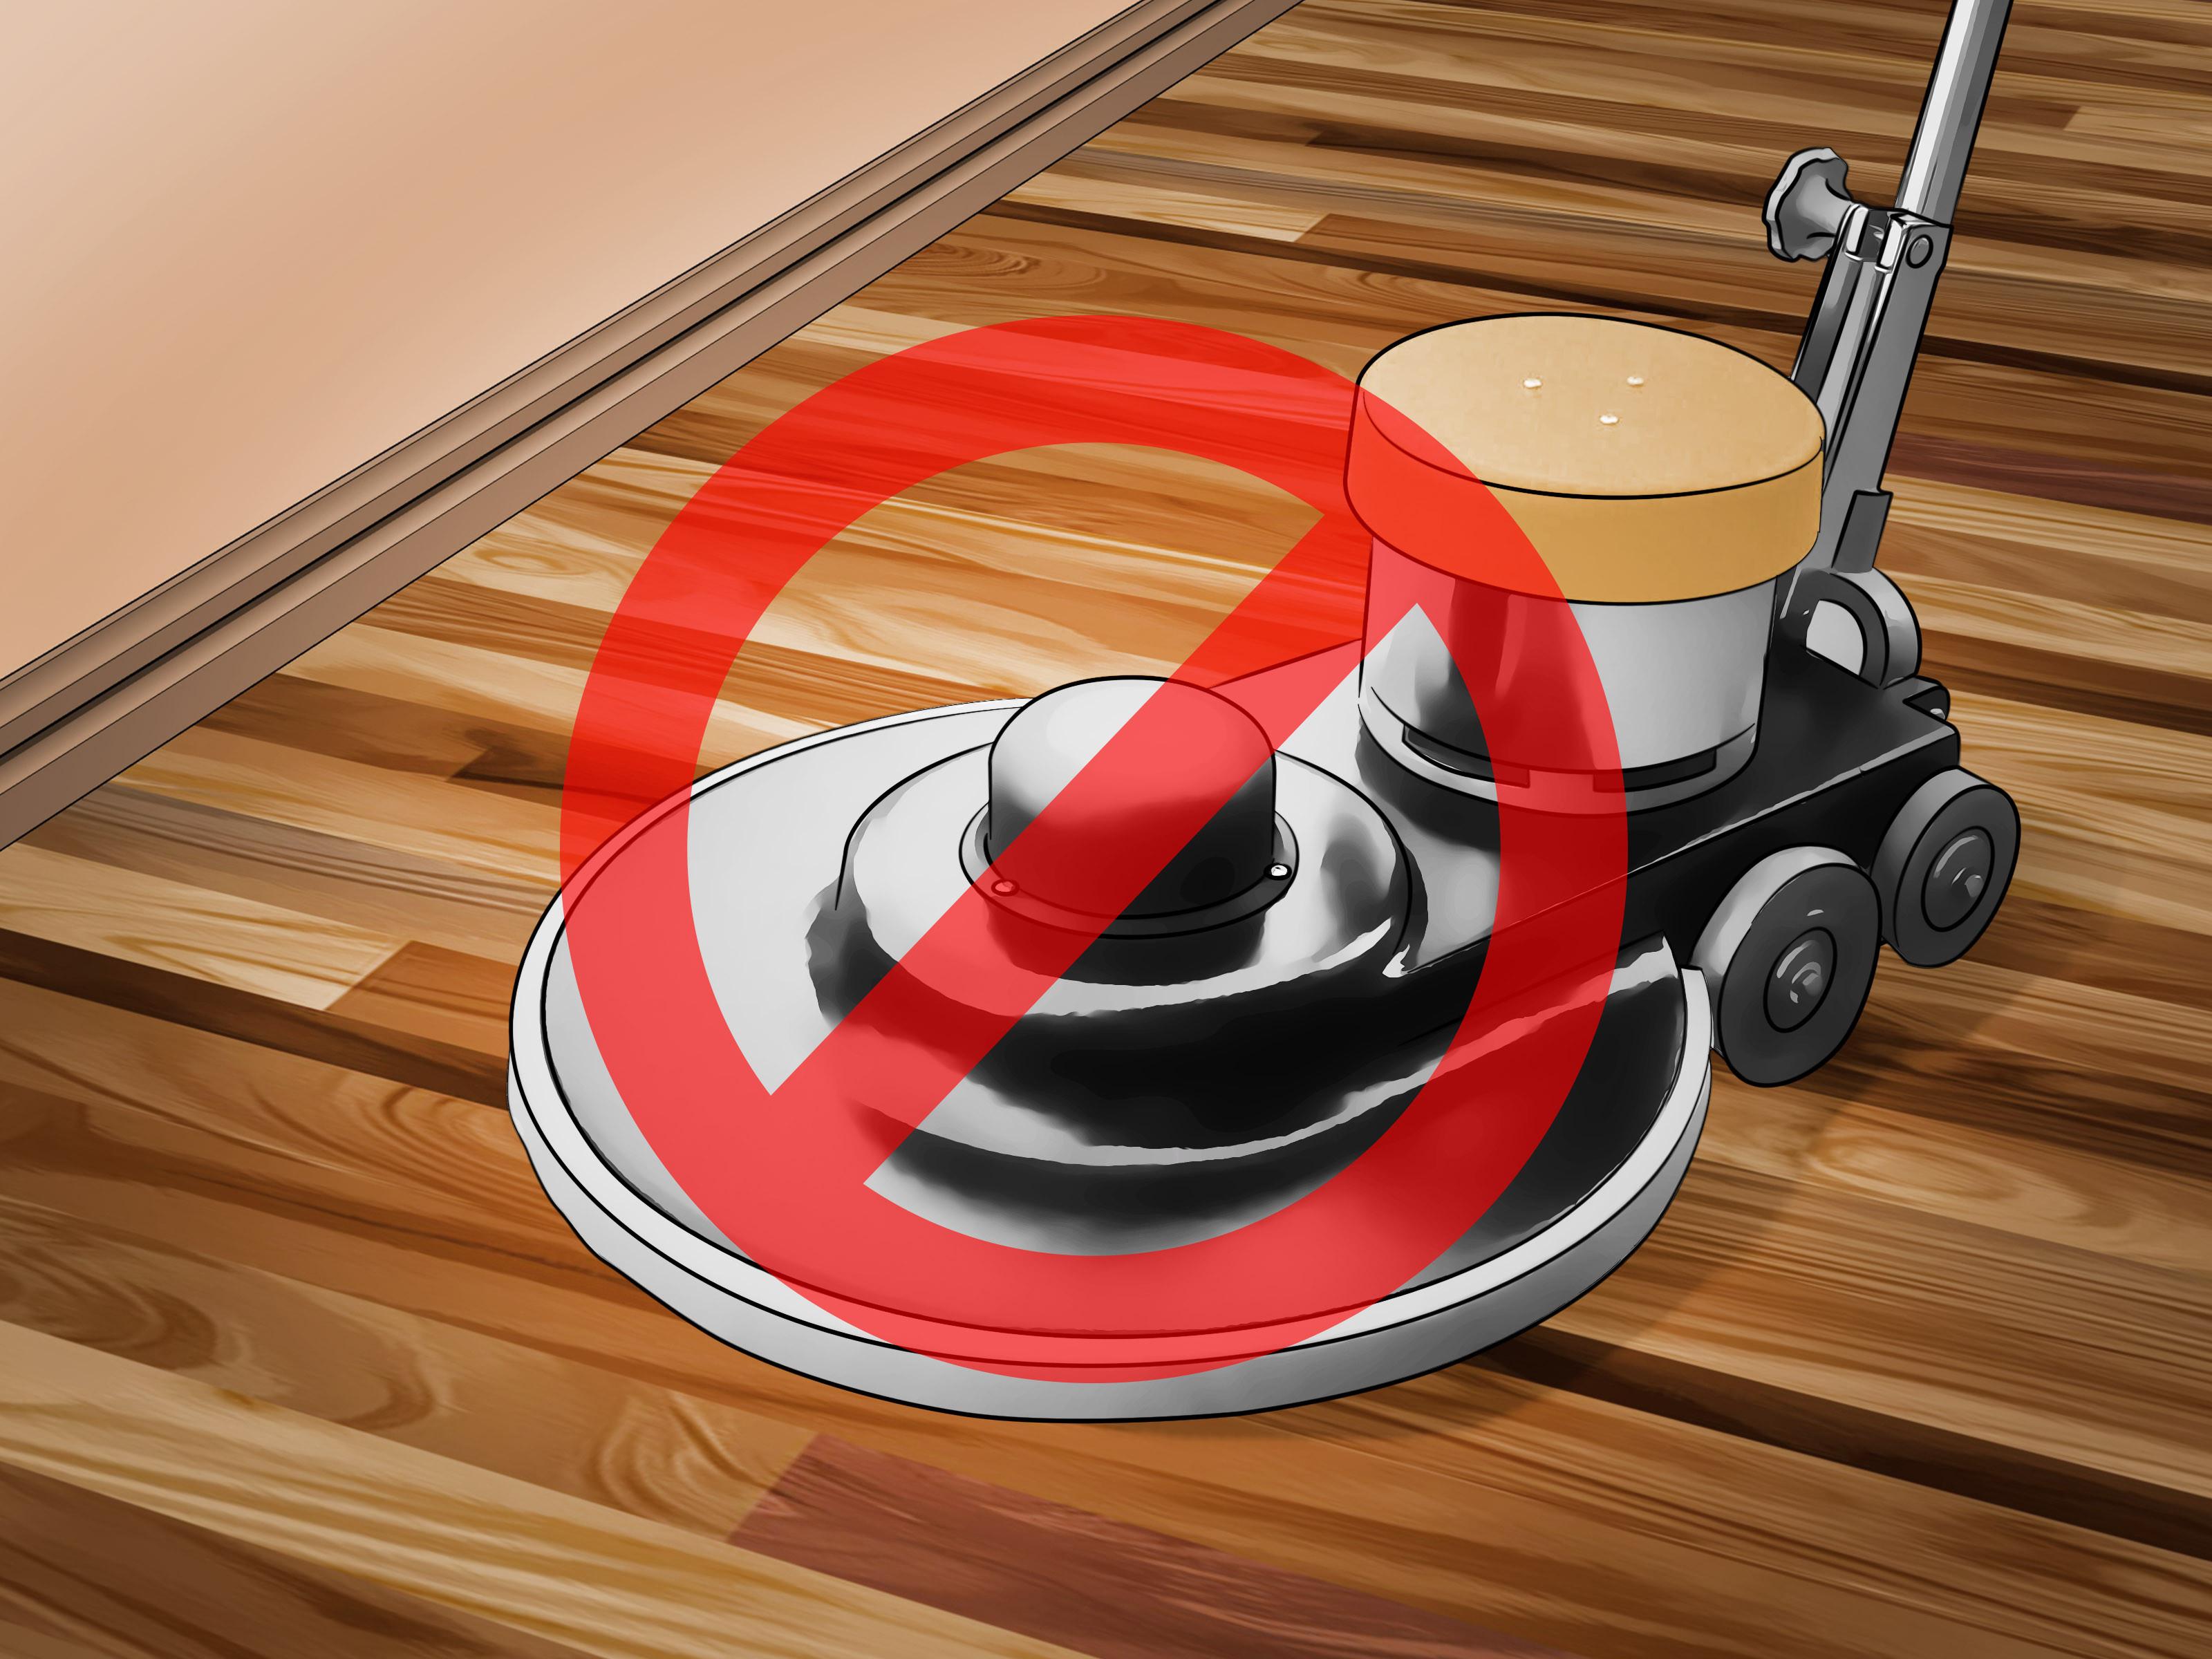 24 Stylish Polyurethane Drying Time Hardwood Floors 2021 free download polyurethane drying time hardwood floors of 4 ways to clean polyurethane wood floors wikihow with regard to clean polyurethane wood floors step 15